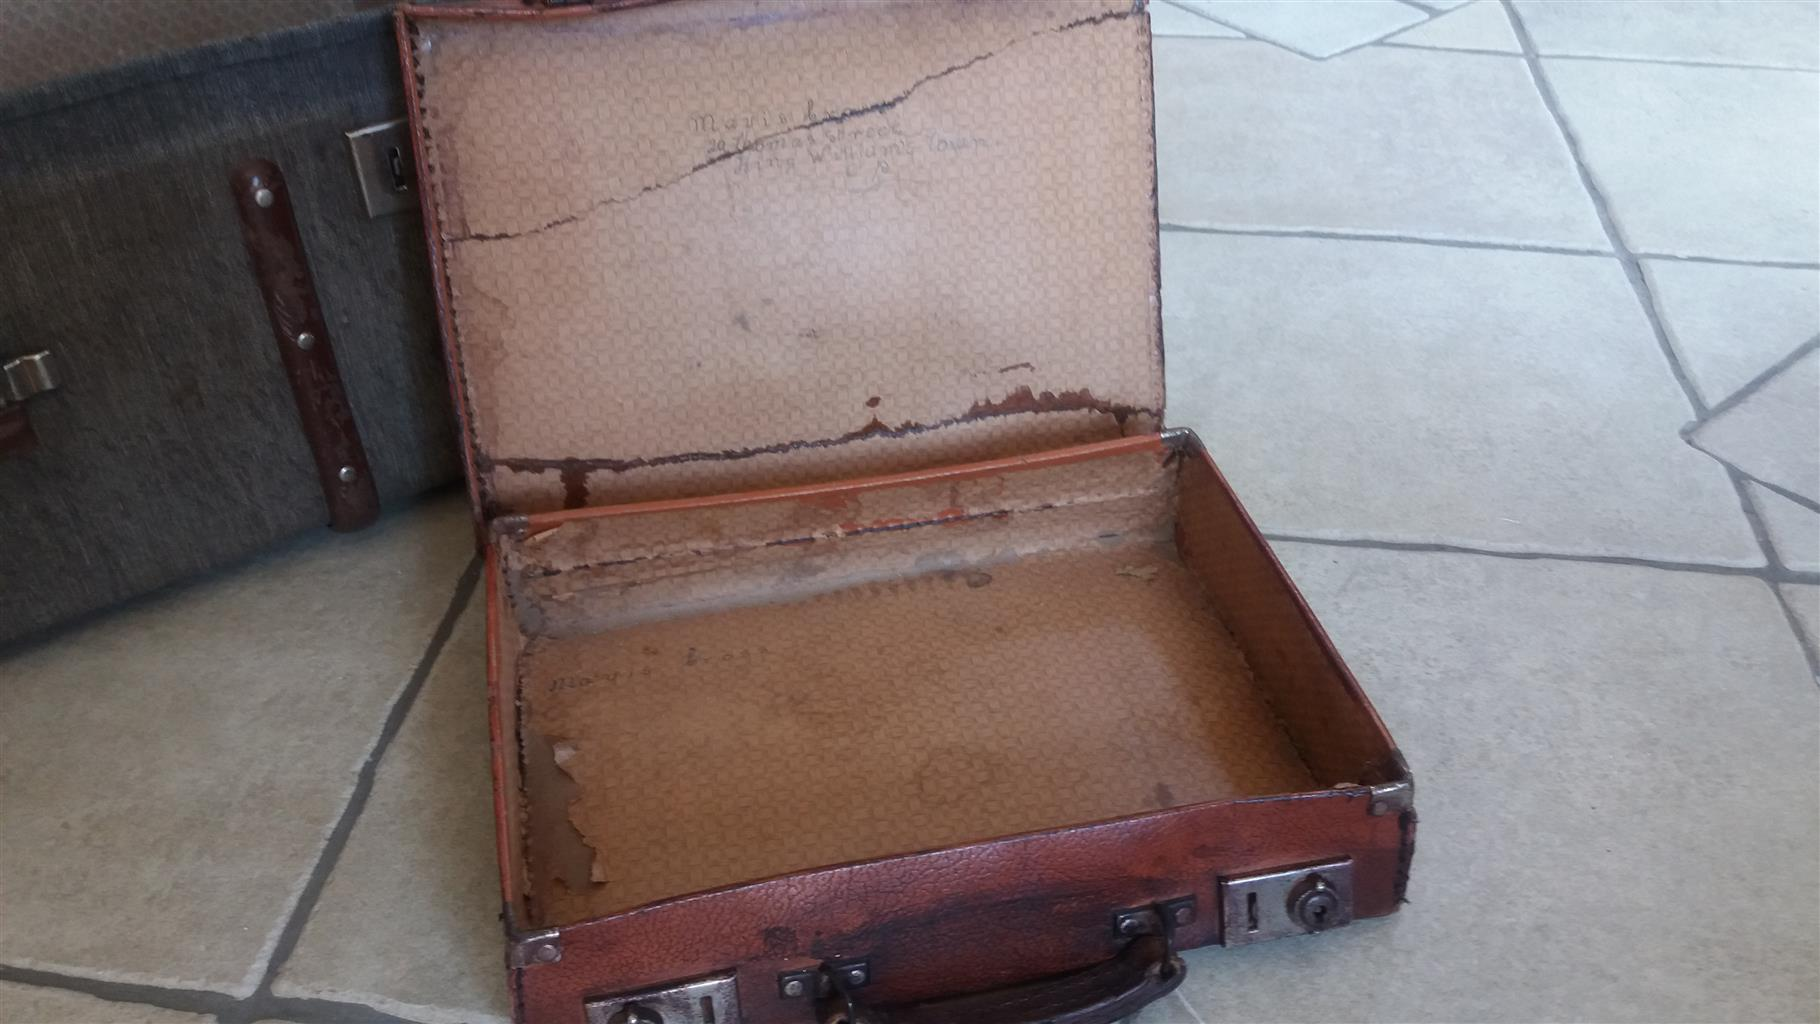 Small leather attache case